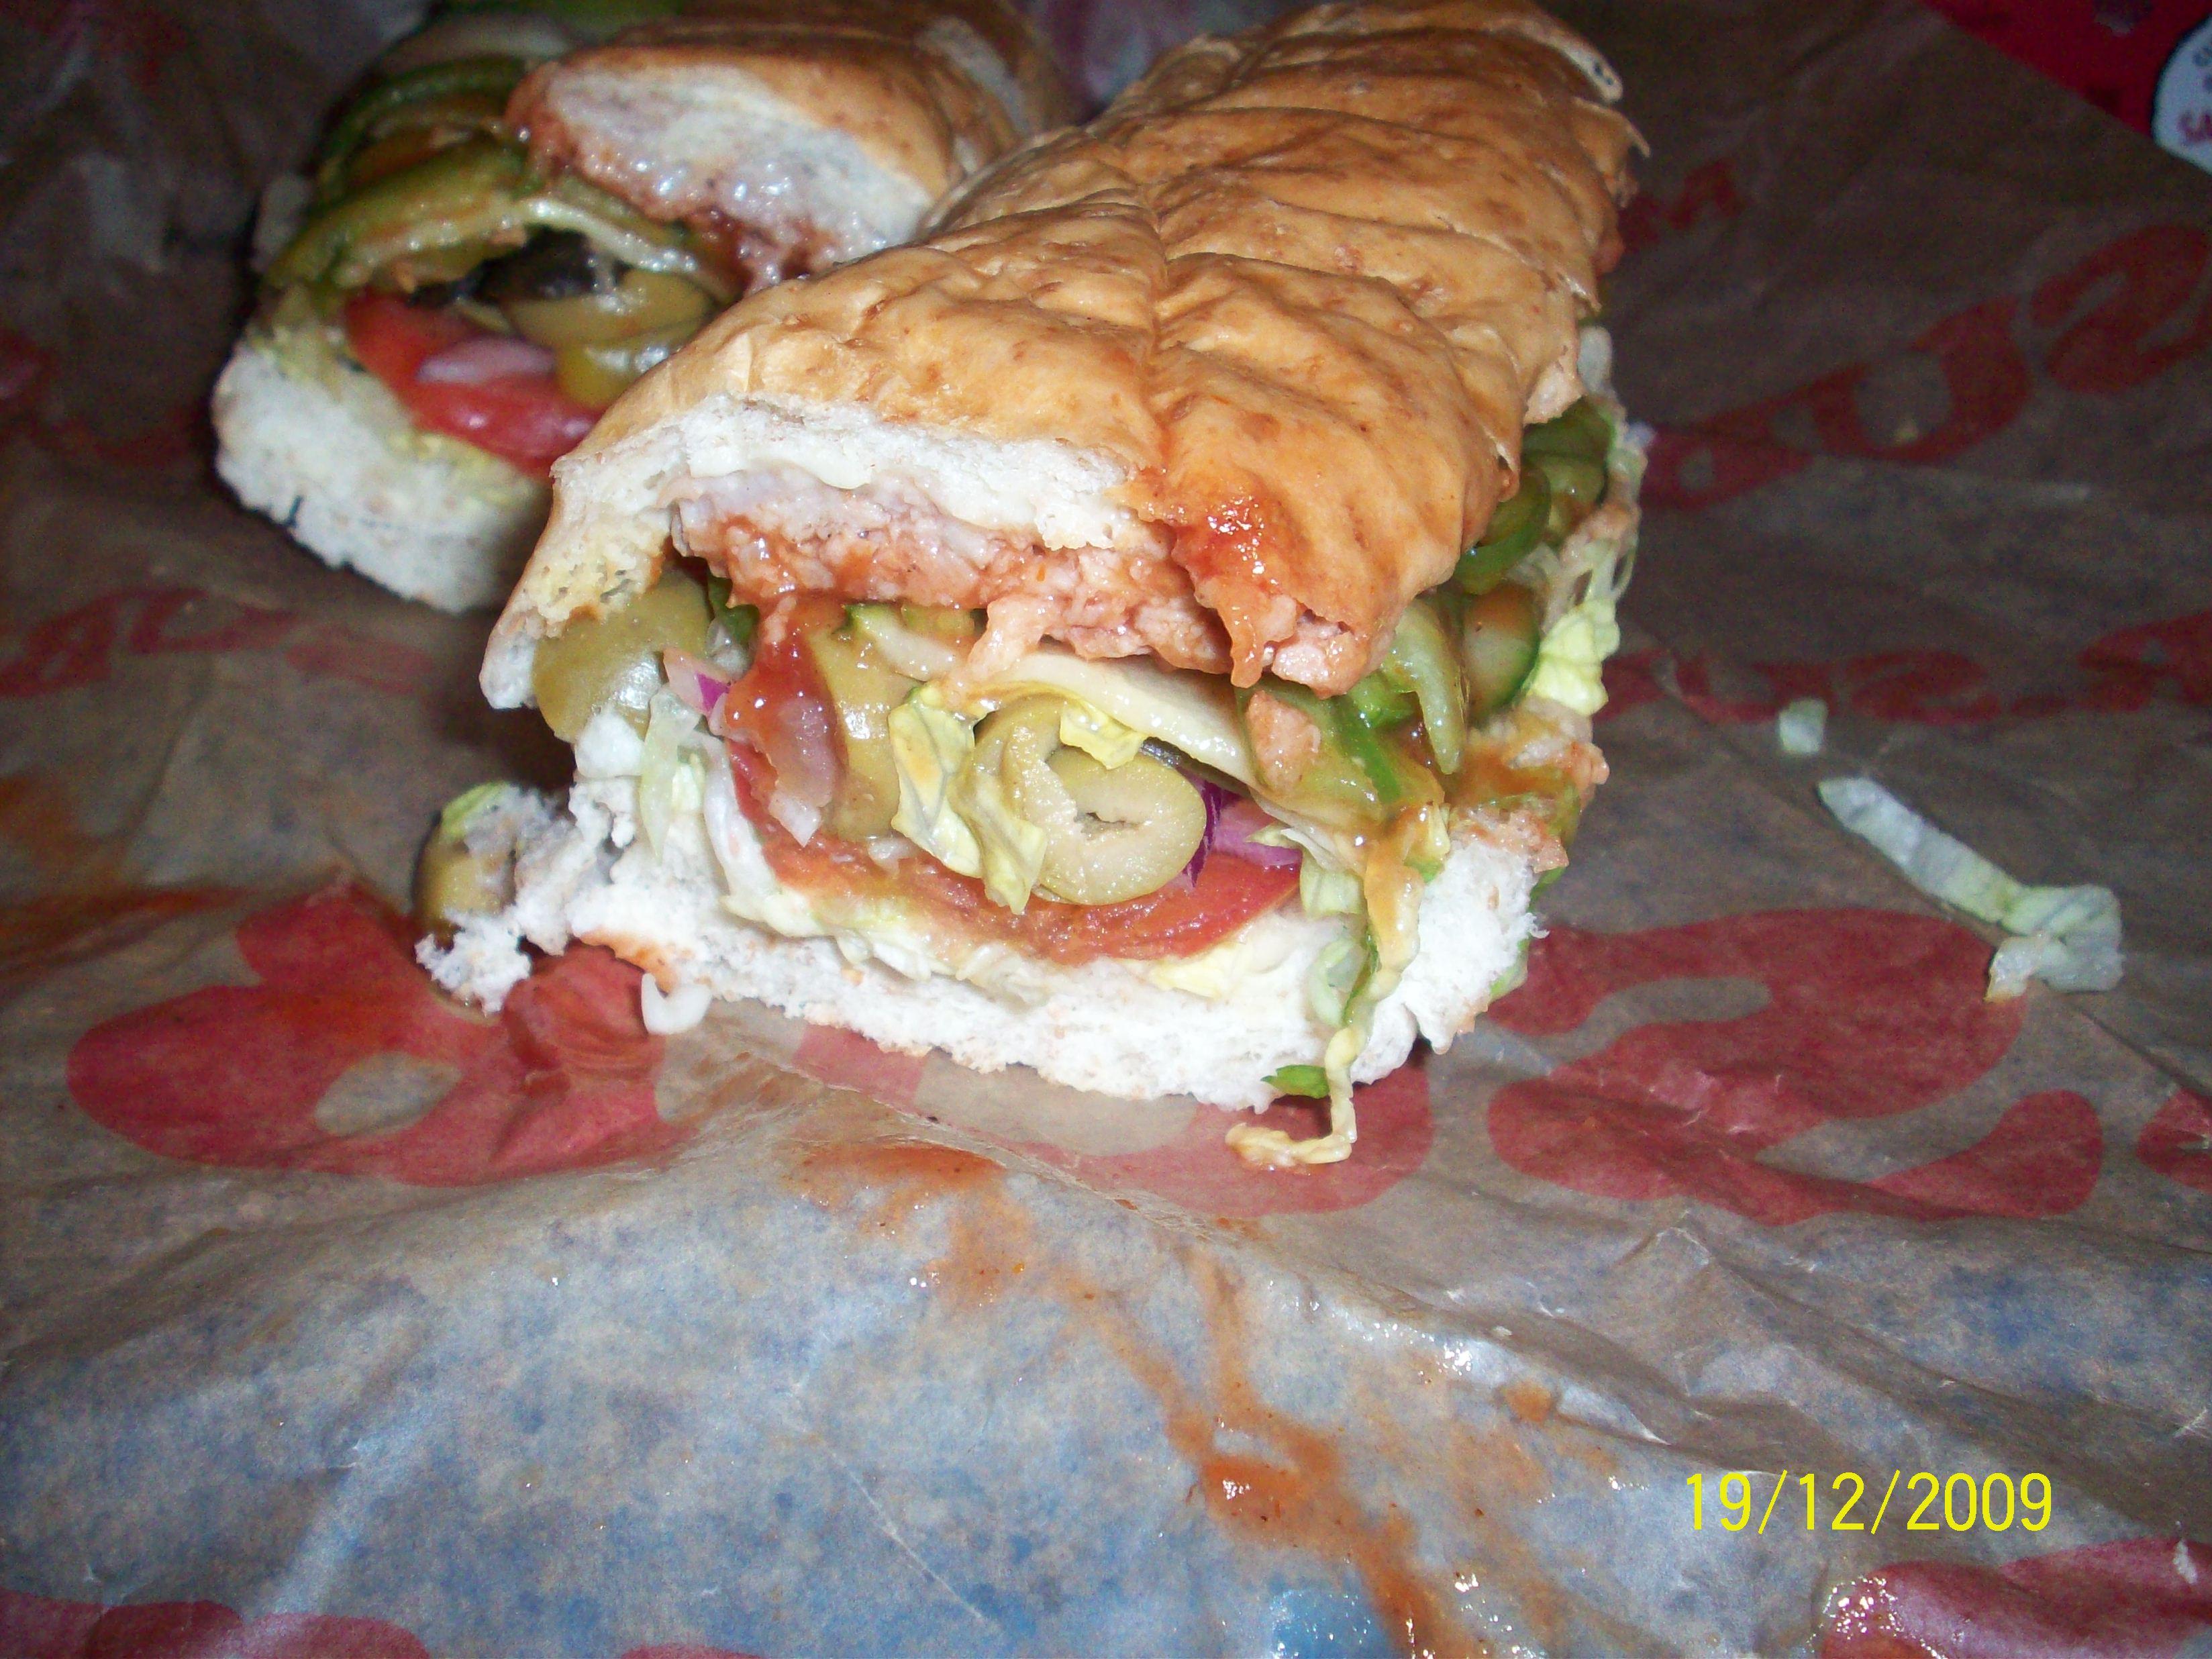 http://foodloader.net/cutie_2009-12-19_Cold_BBQ_Ribs_Sandwich.jpg